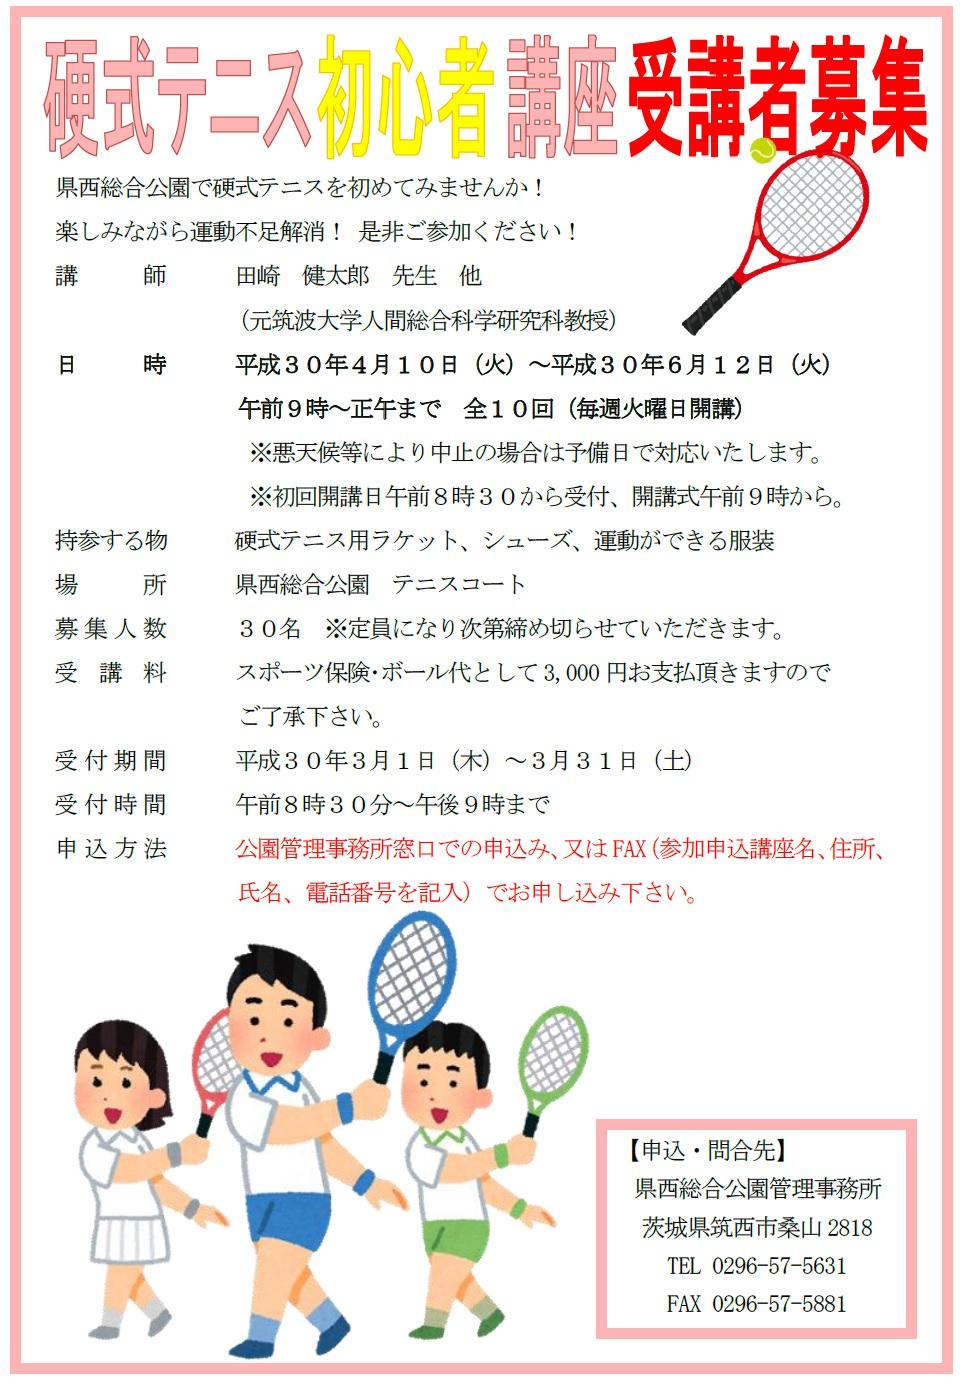 『テニス講座』の画像